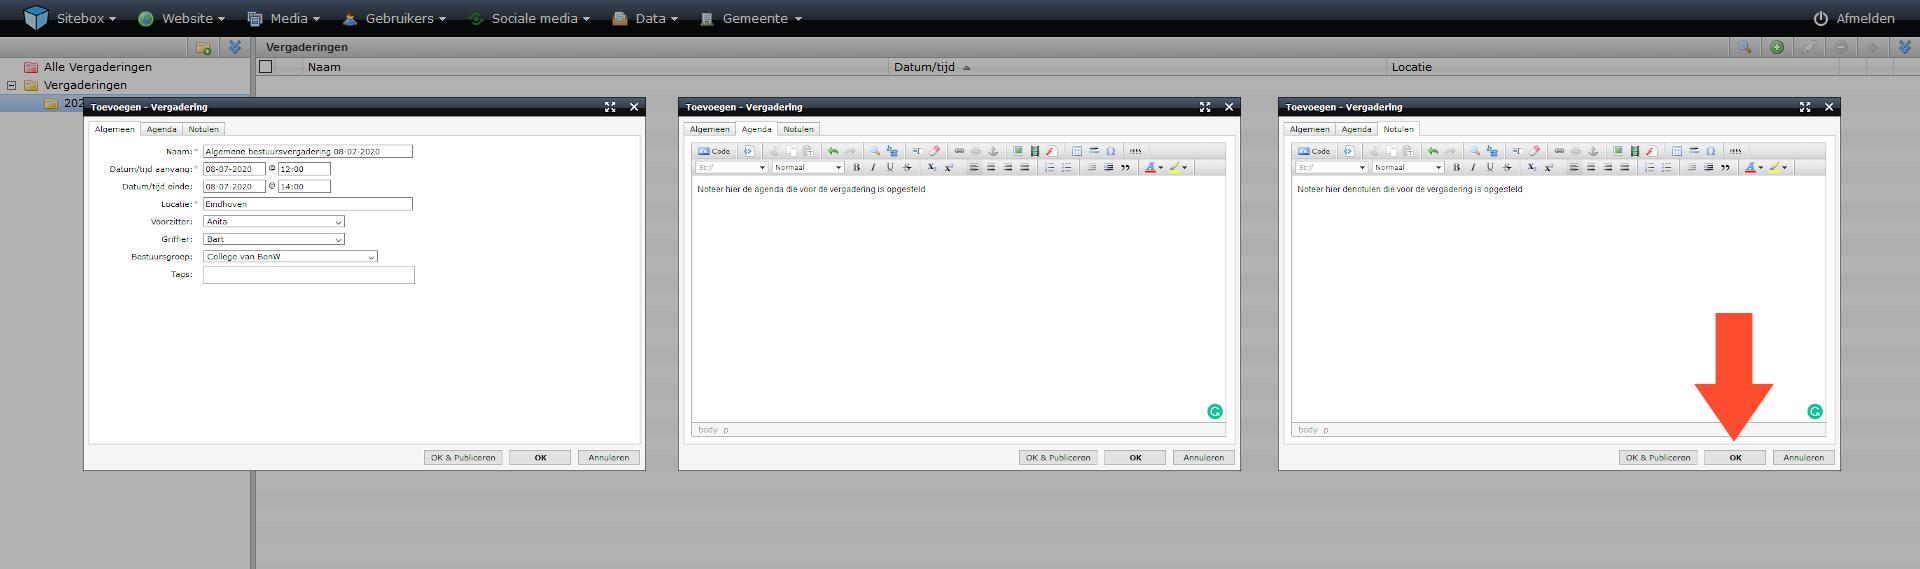 schermafdruk van de drie tabbladen van het scherm vergadering toevoegen